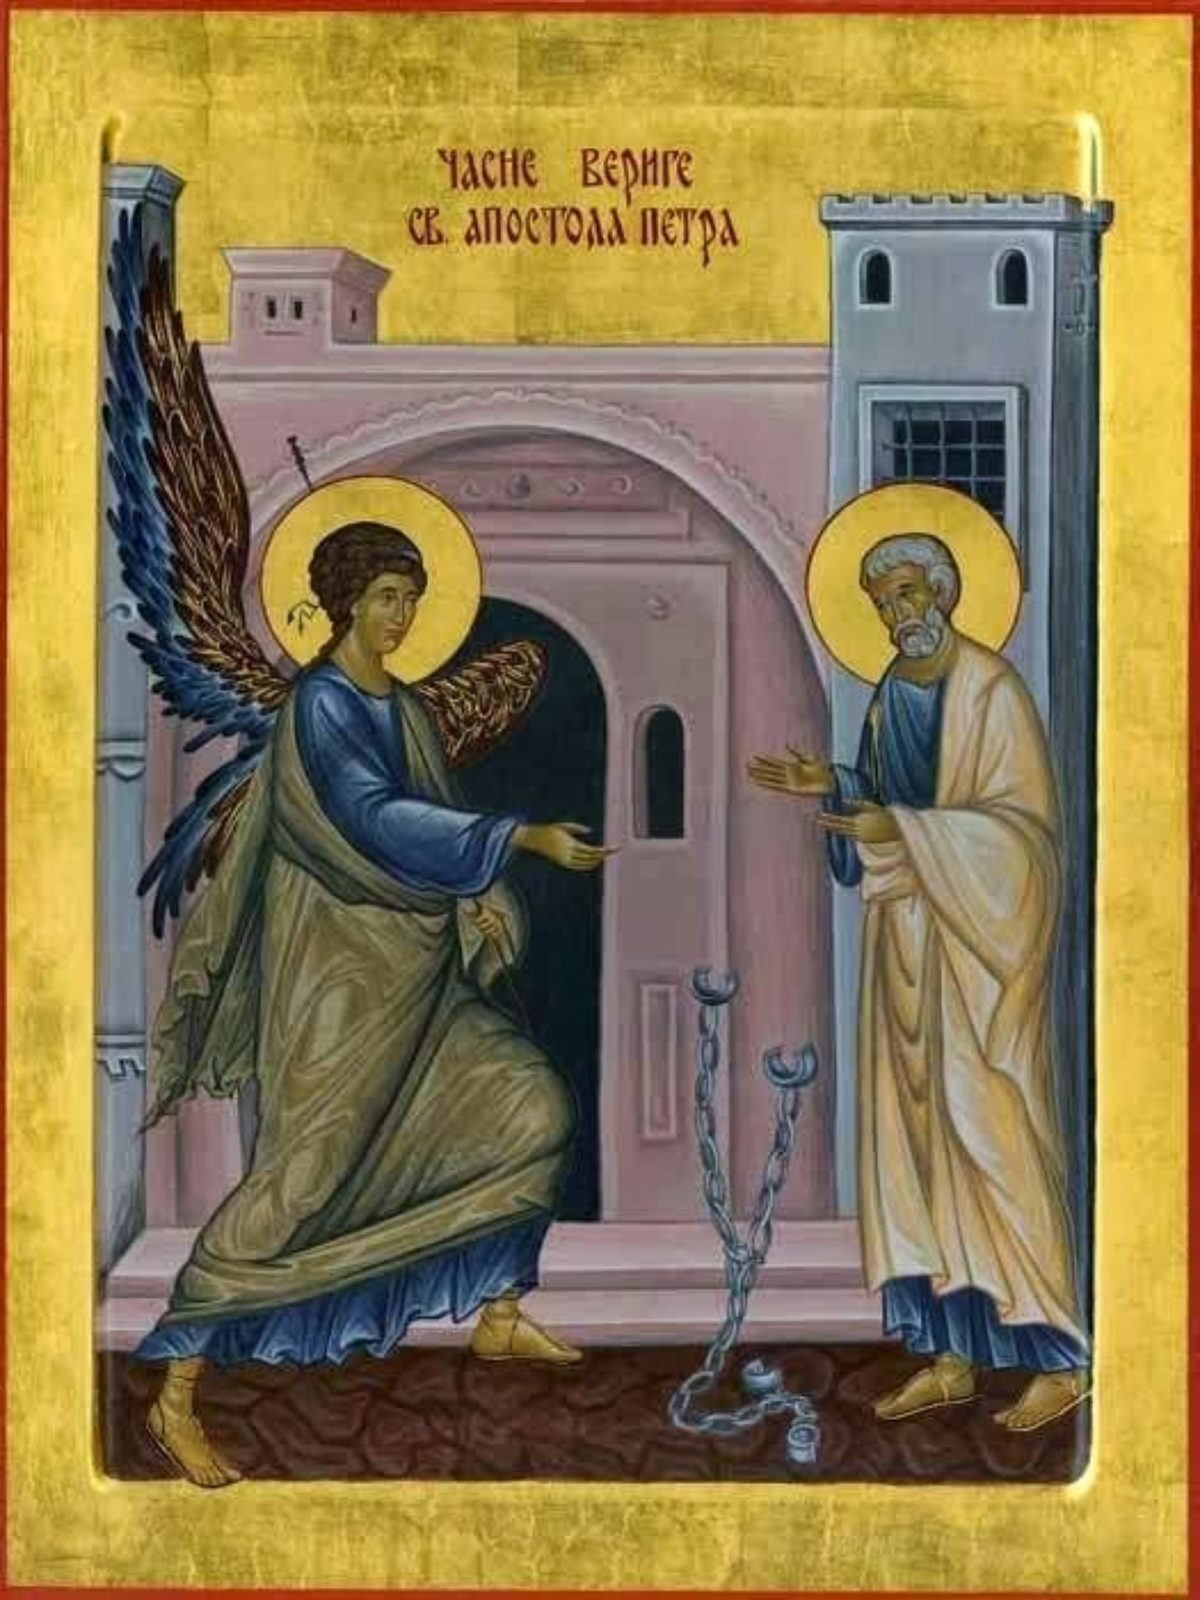 Честные вериги апостола Петра: что это?